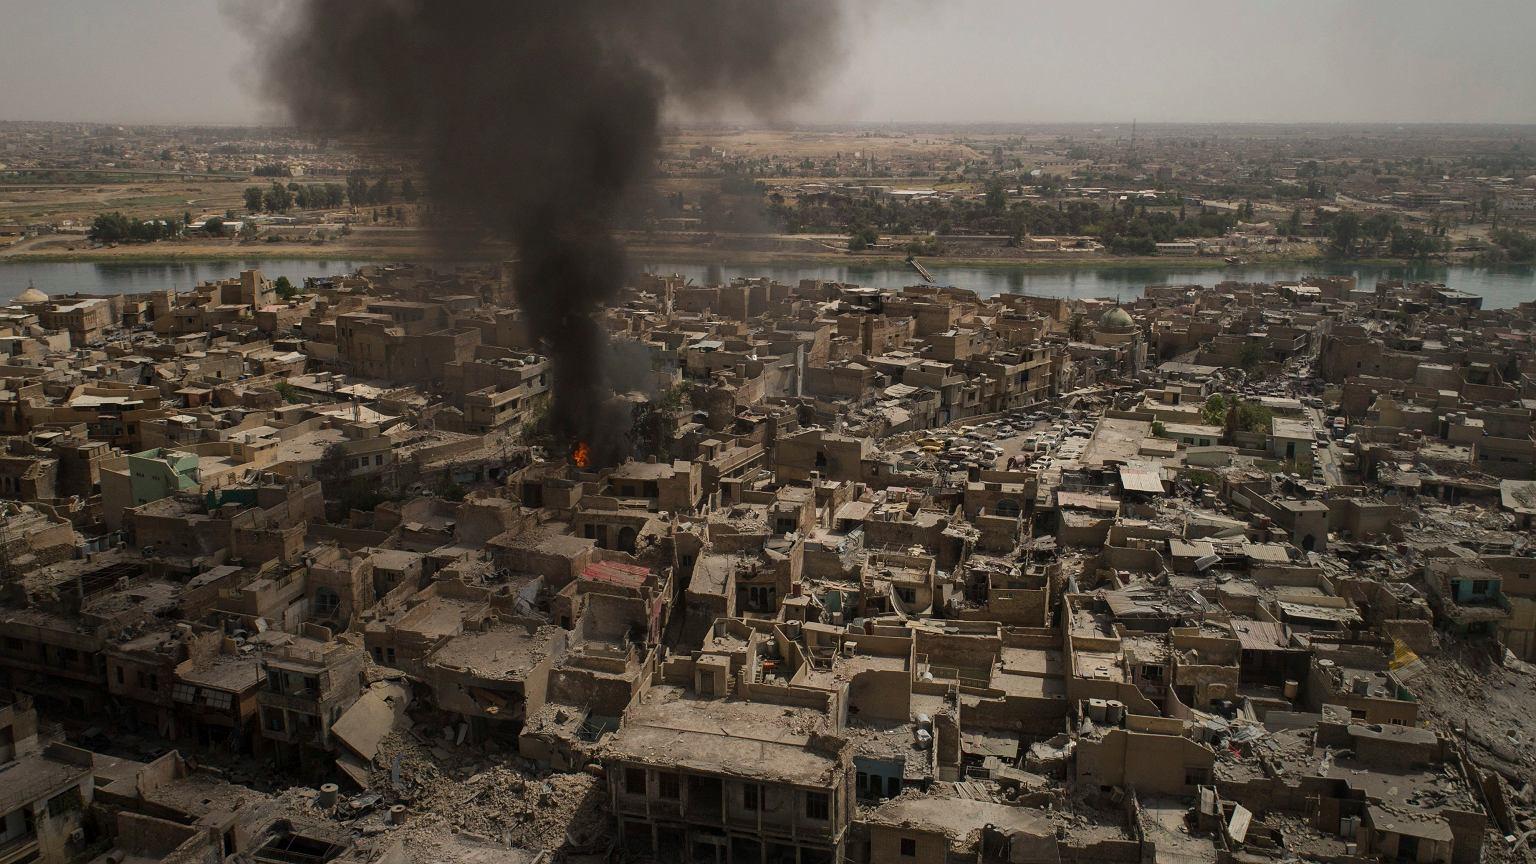 1136accad46fb W niedzielę 9 lipca 2017 r. premier Iraku Hajder al-Abadi? ogłosił w Mosulu  zwycięstwo nad siłami tzw. Państwa Islamskiego. Ofensywa trwała 9 miesięcy.